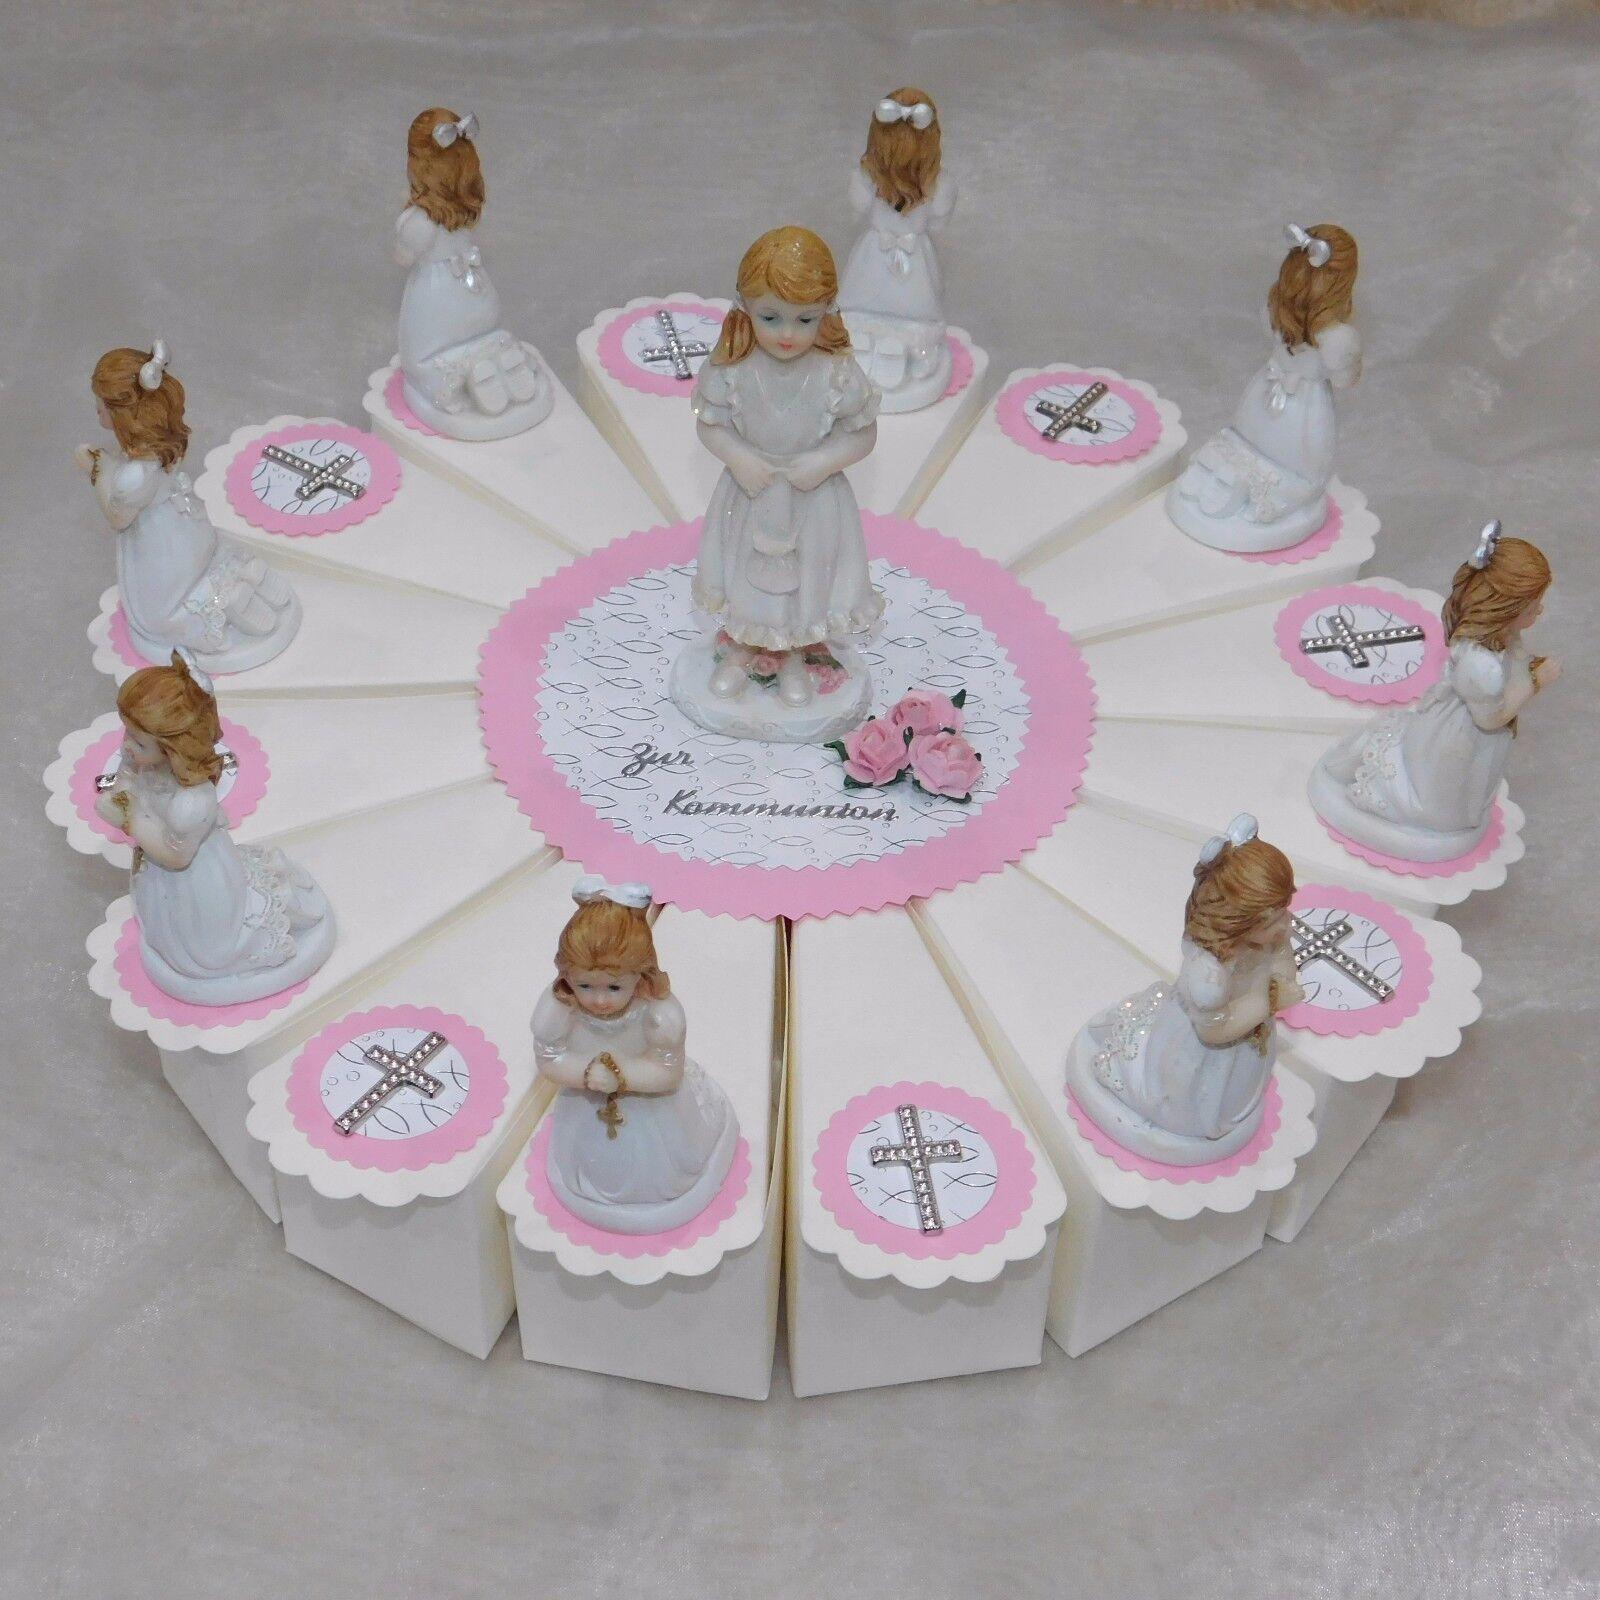 Gastgeschenke Kommunion - Bomboniere Torte-  Mädchen - Rosa